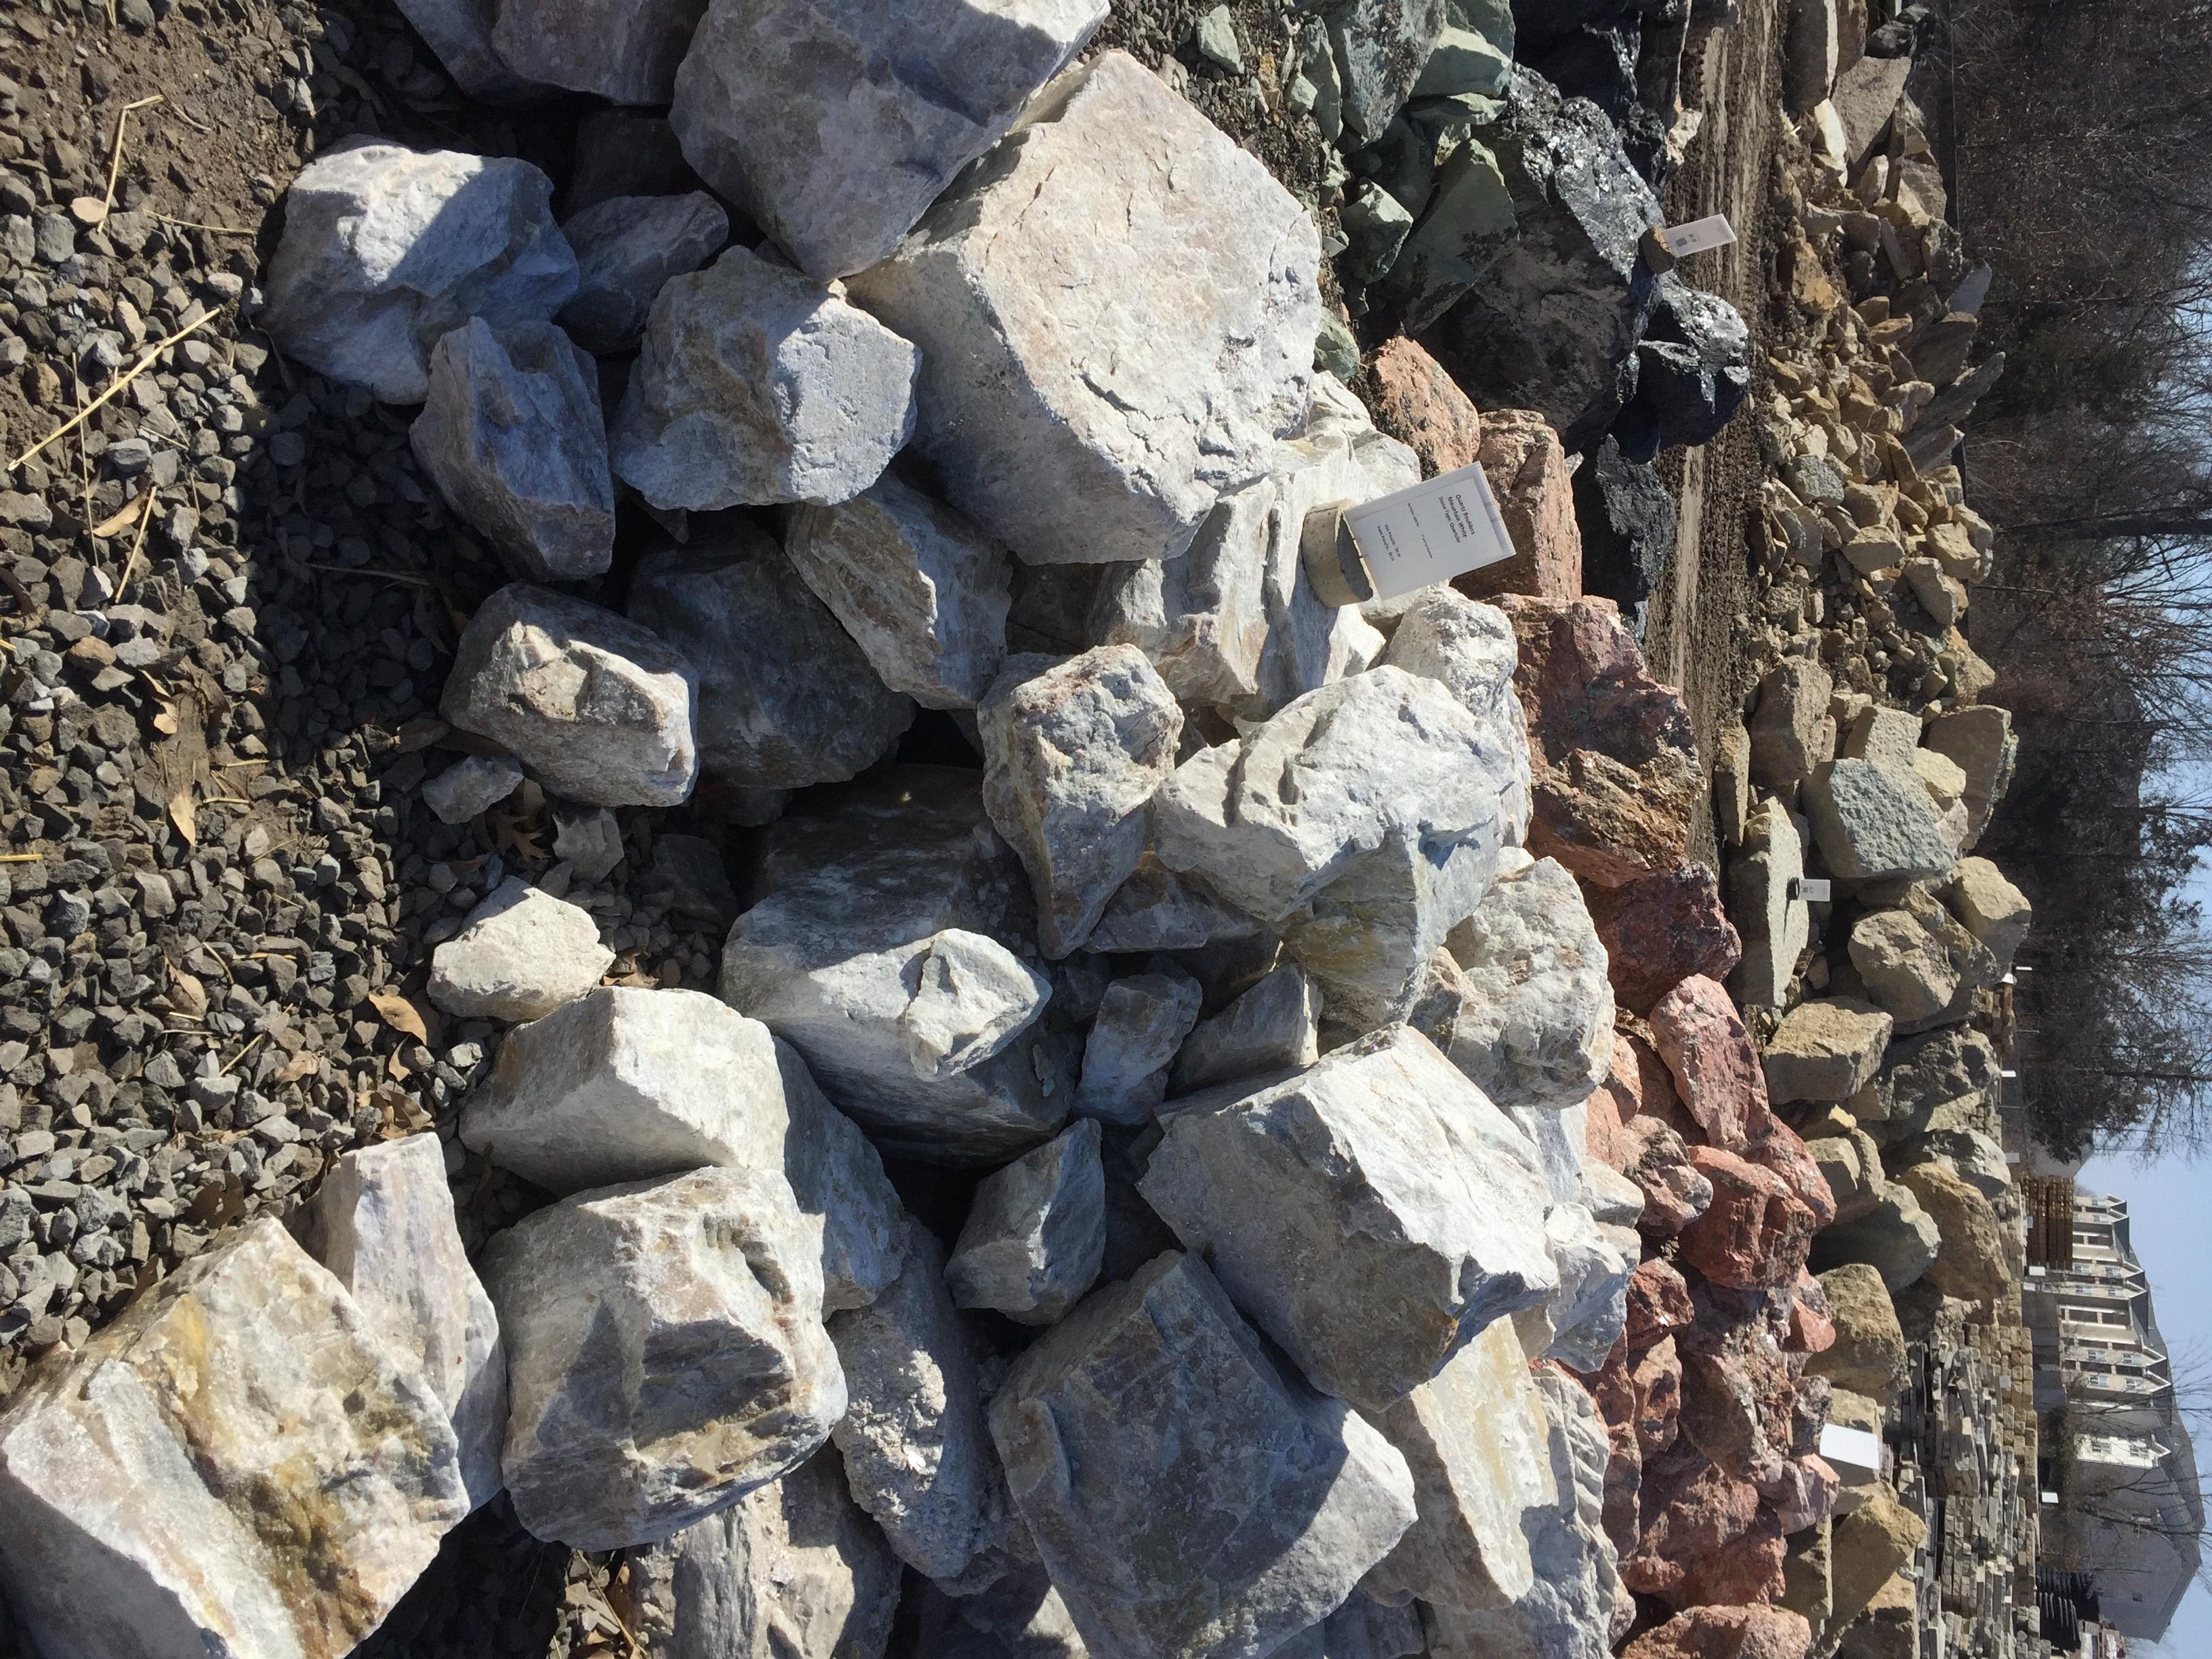 Mountain White Quartz Boulders